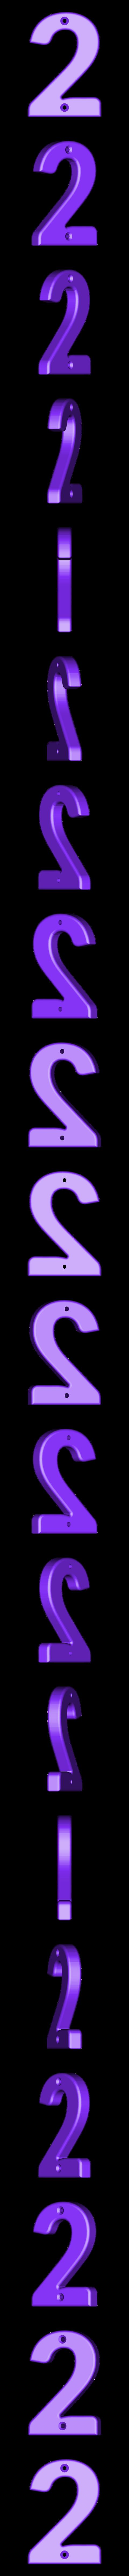 2.stl Télécharger fichier STL gratuit Numéros de maison • Modèle pour impression 3D, Jakwit